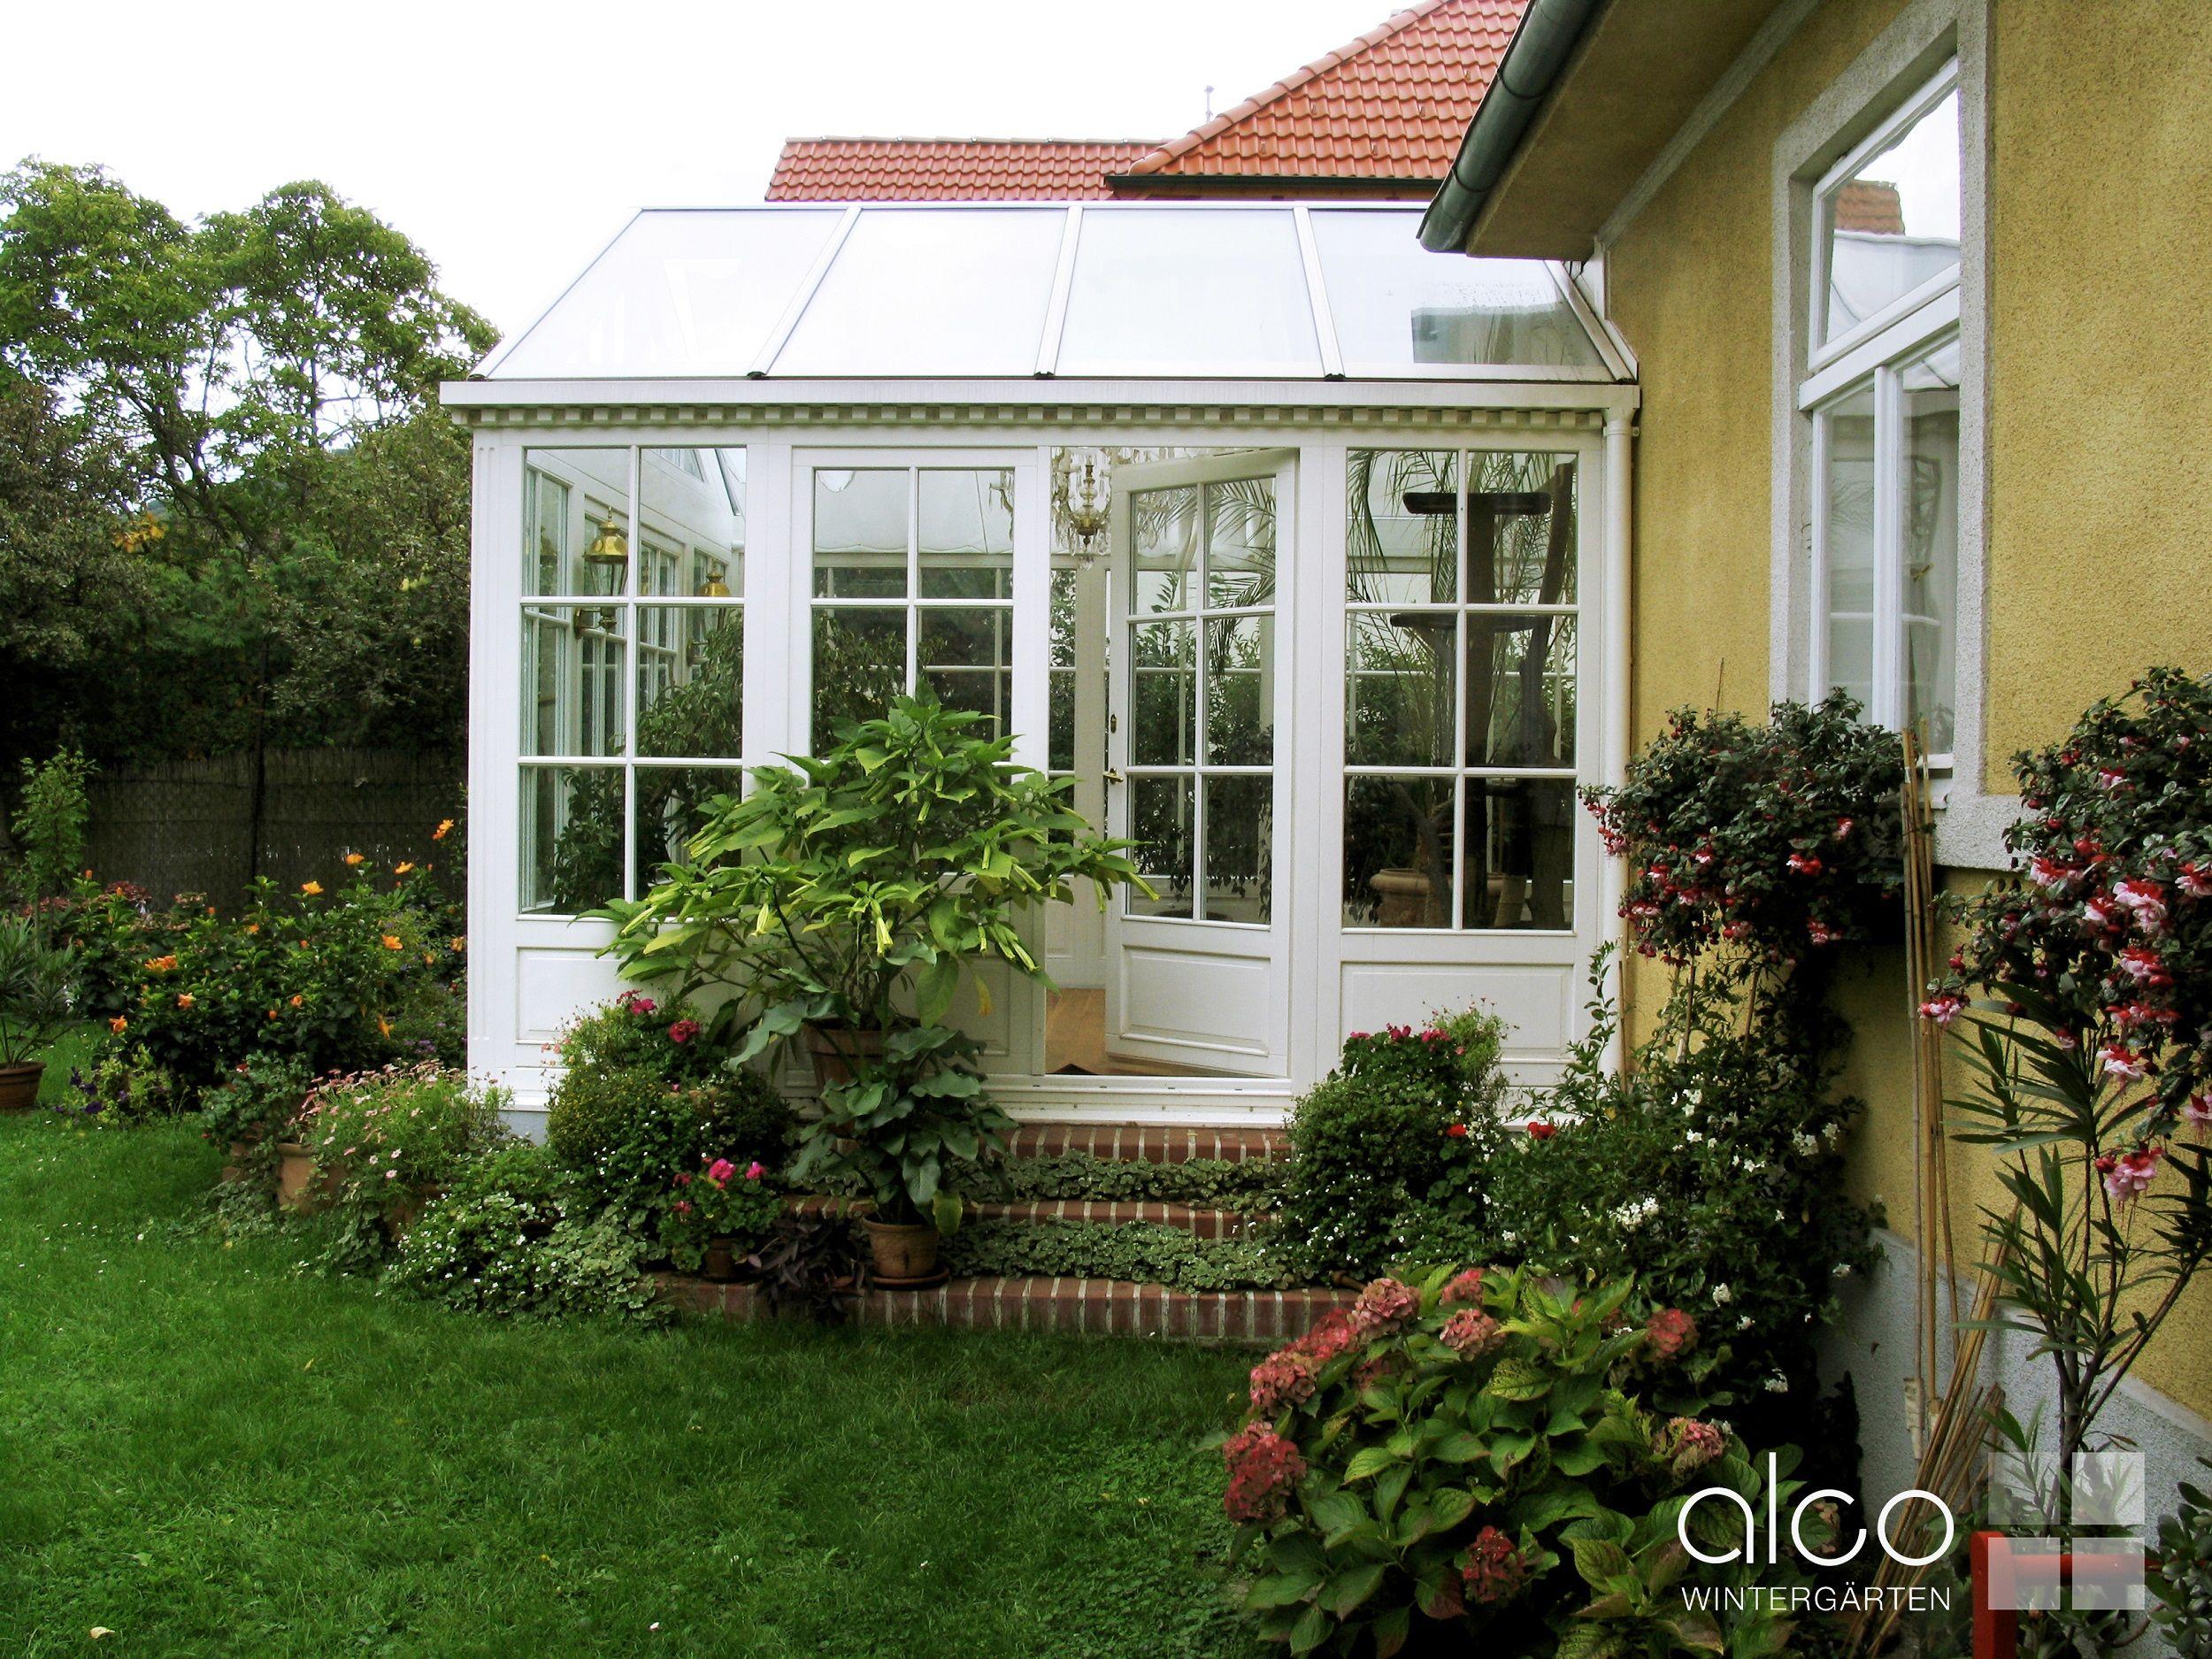 Pin auf Wintergarten in viktorianischem Stil